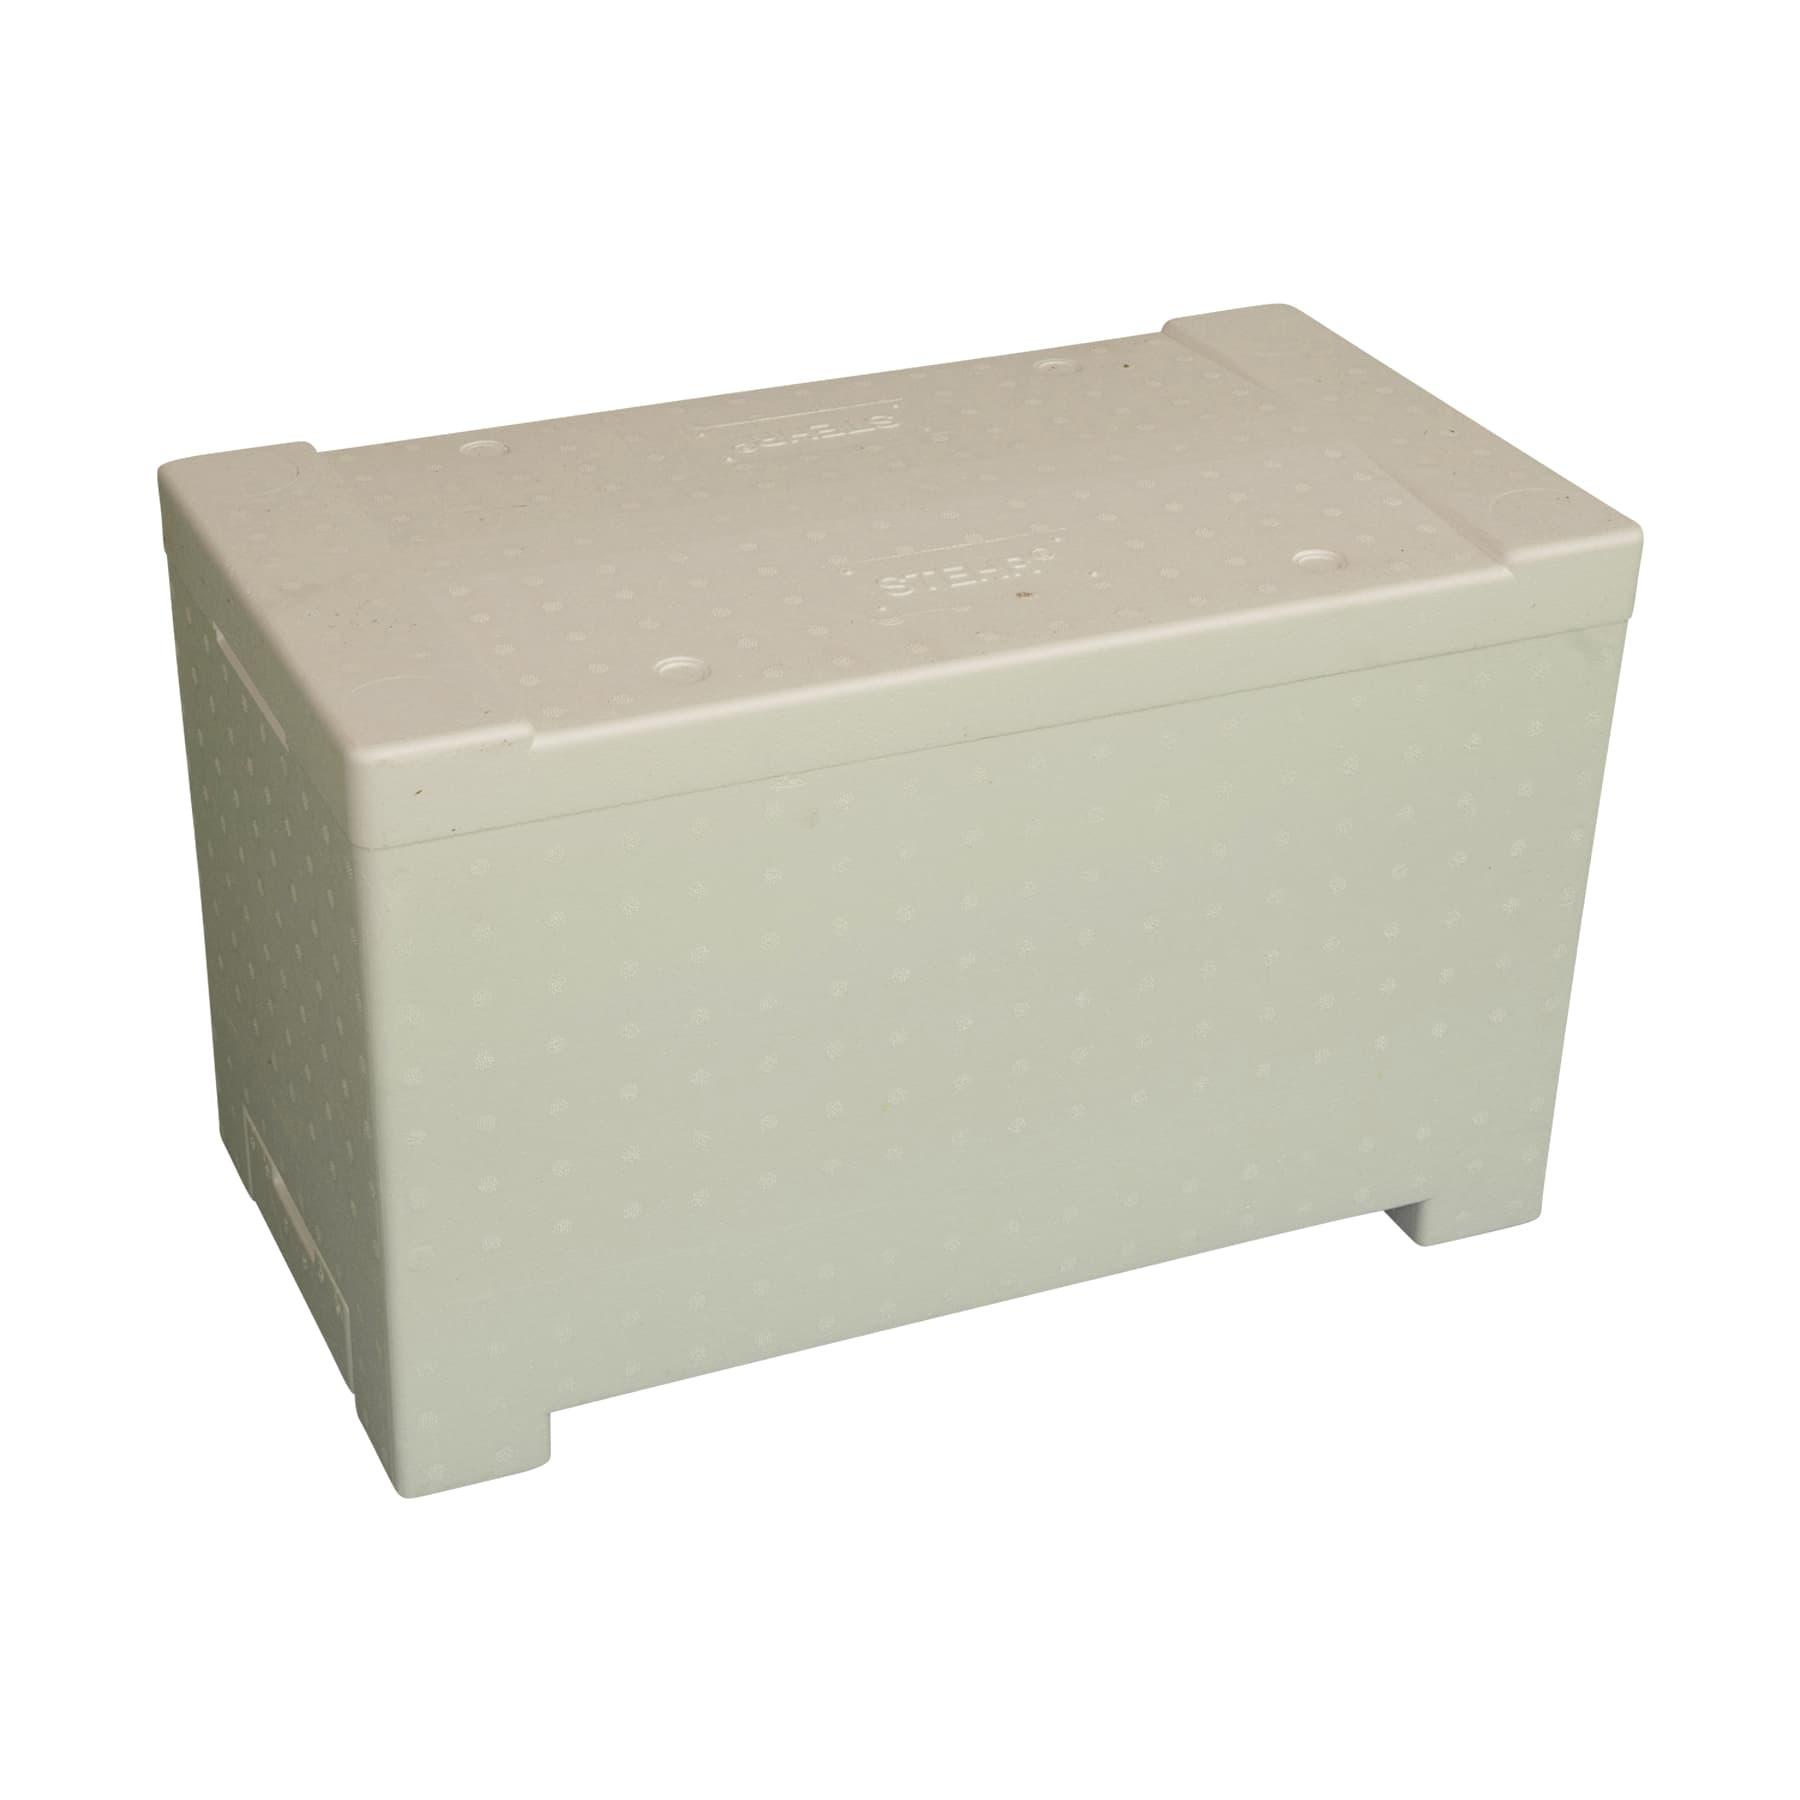 Stehr Ablegerkasten Dadant-Blatt  (Hersteller: Dadant Art.132010415) 6 Waben aus Styropor, einschiebbares Flugbrett